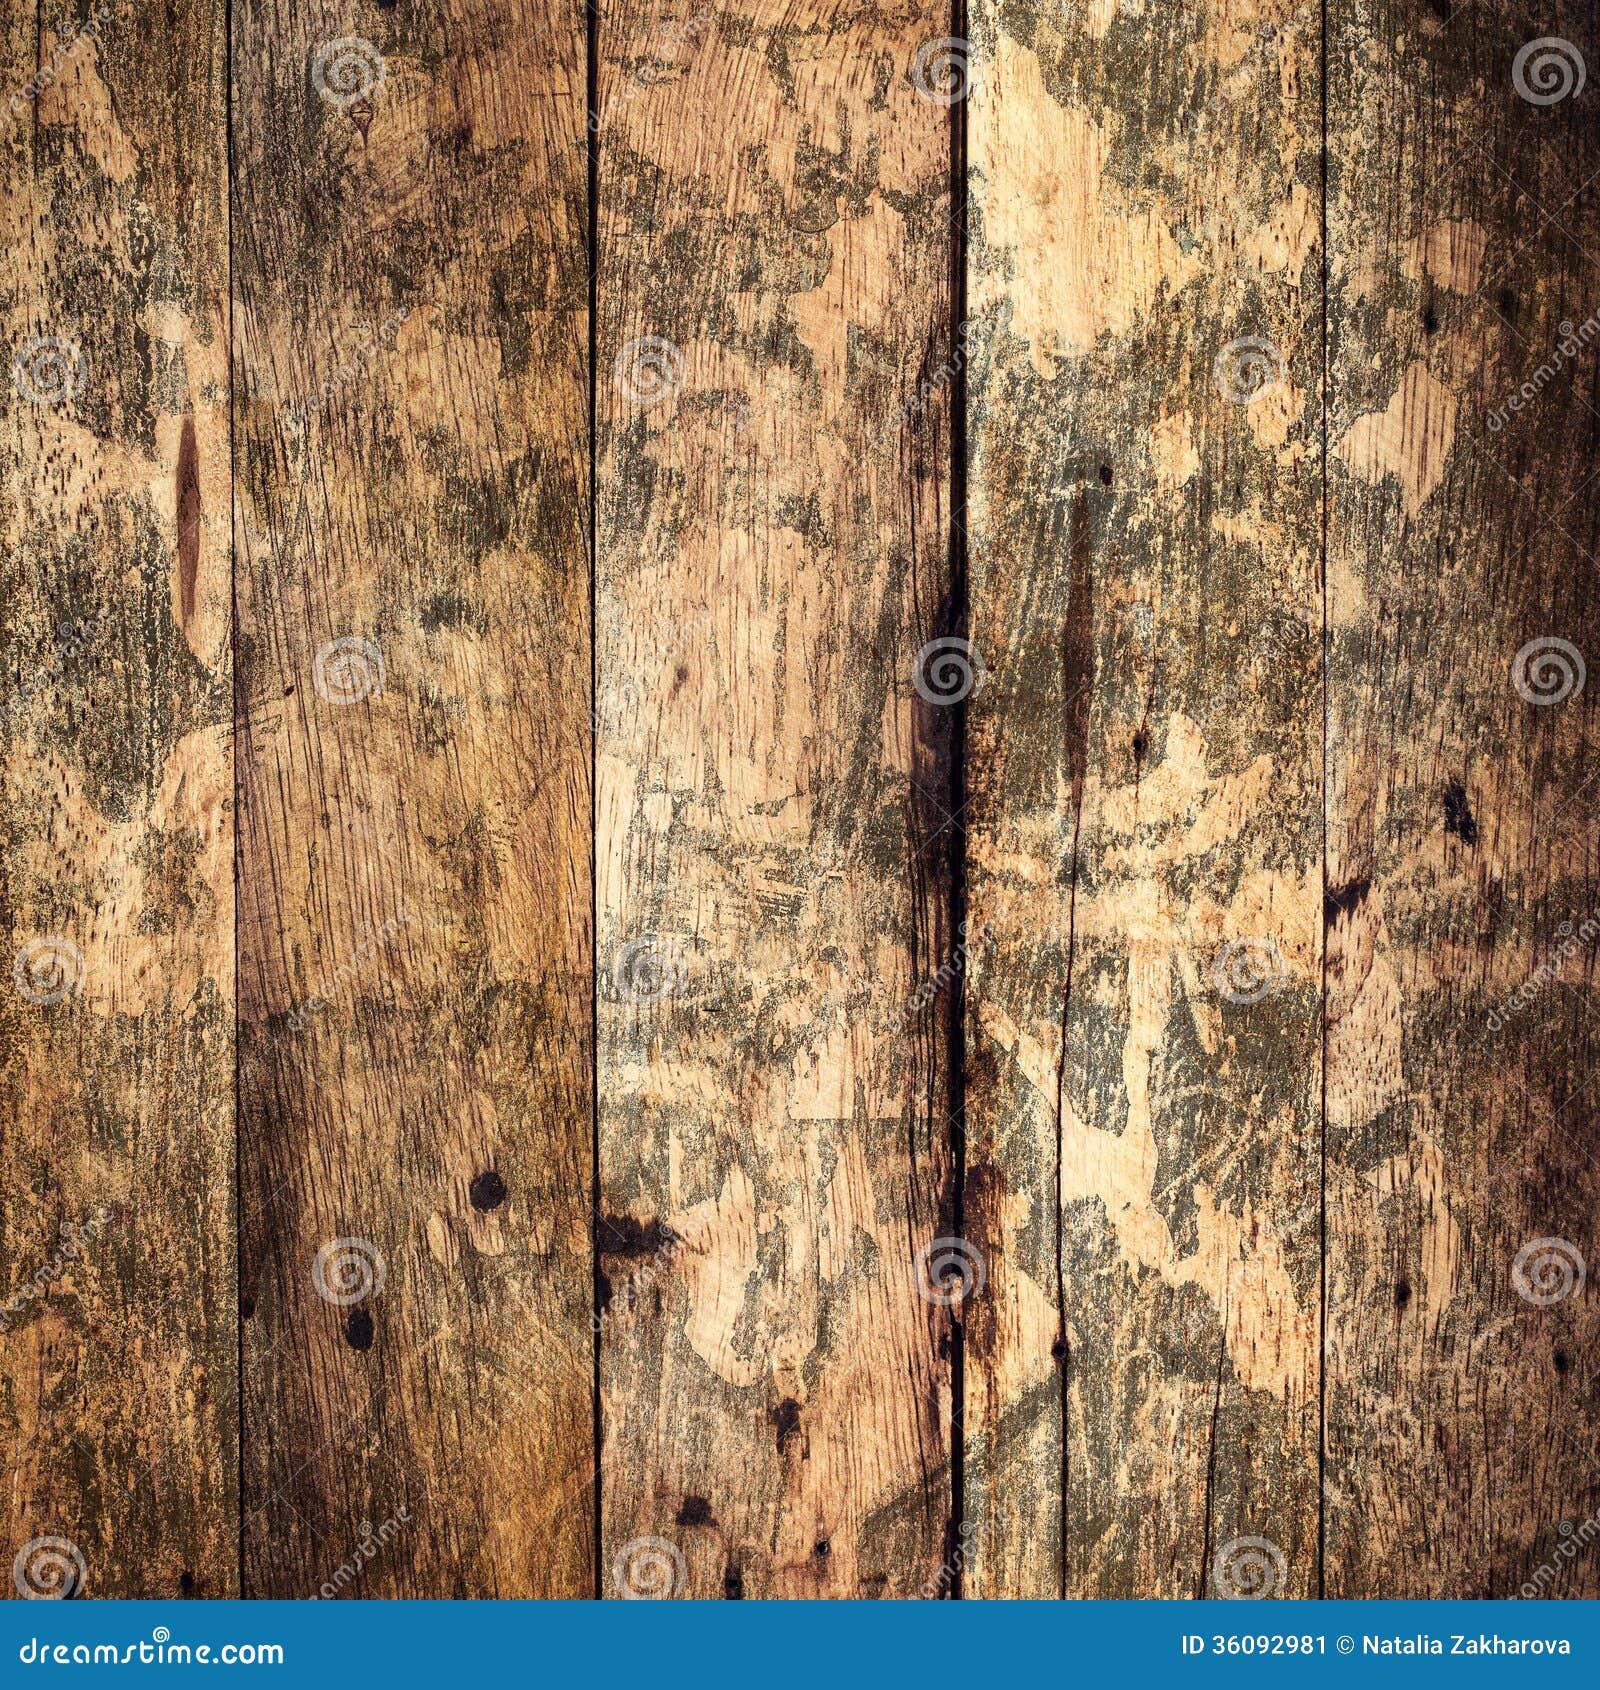 old oak wood wallpaper - photo #21